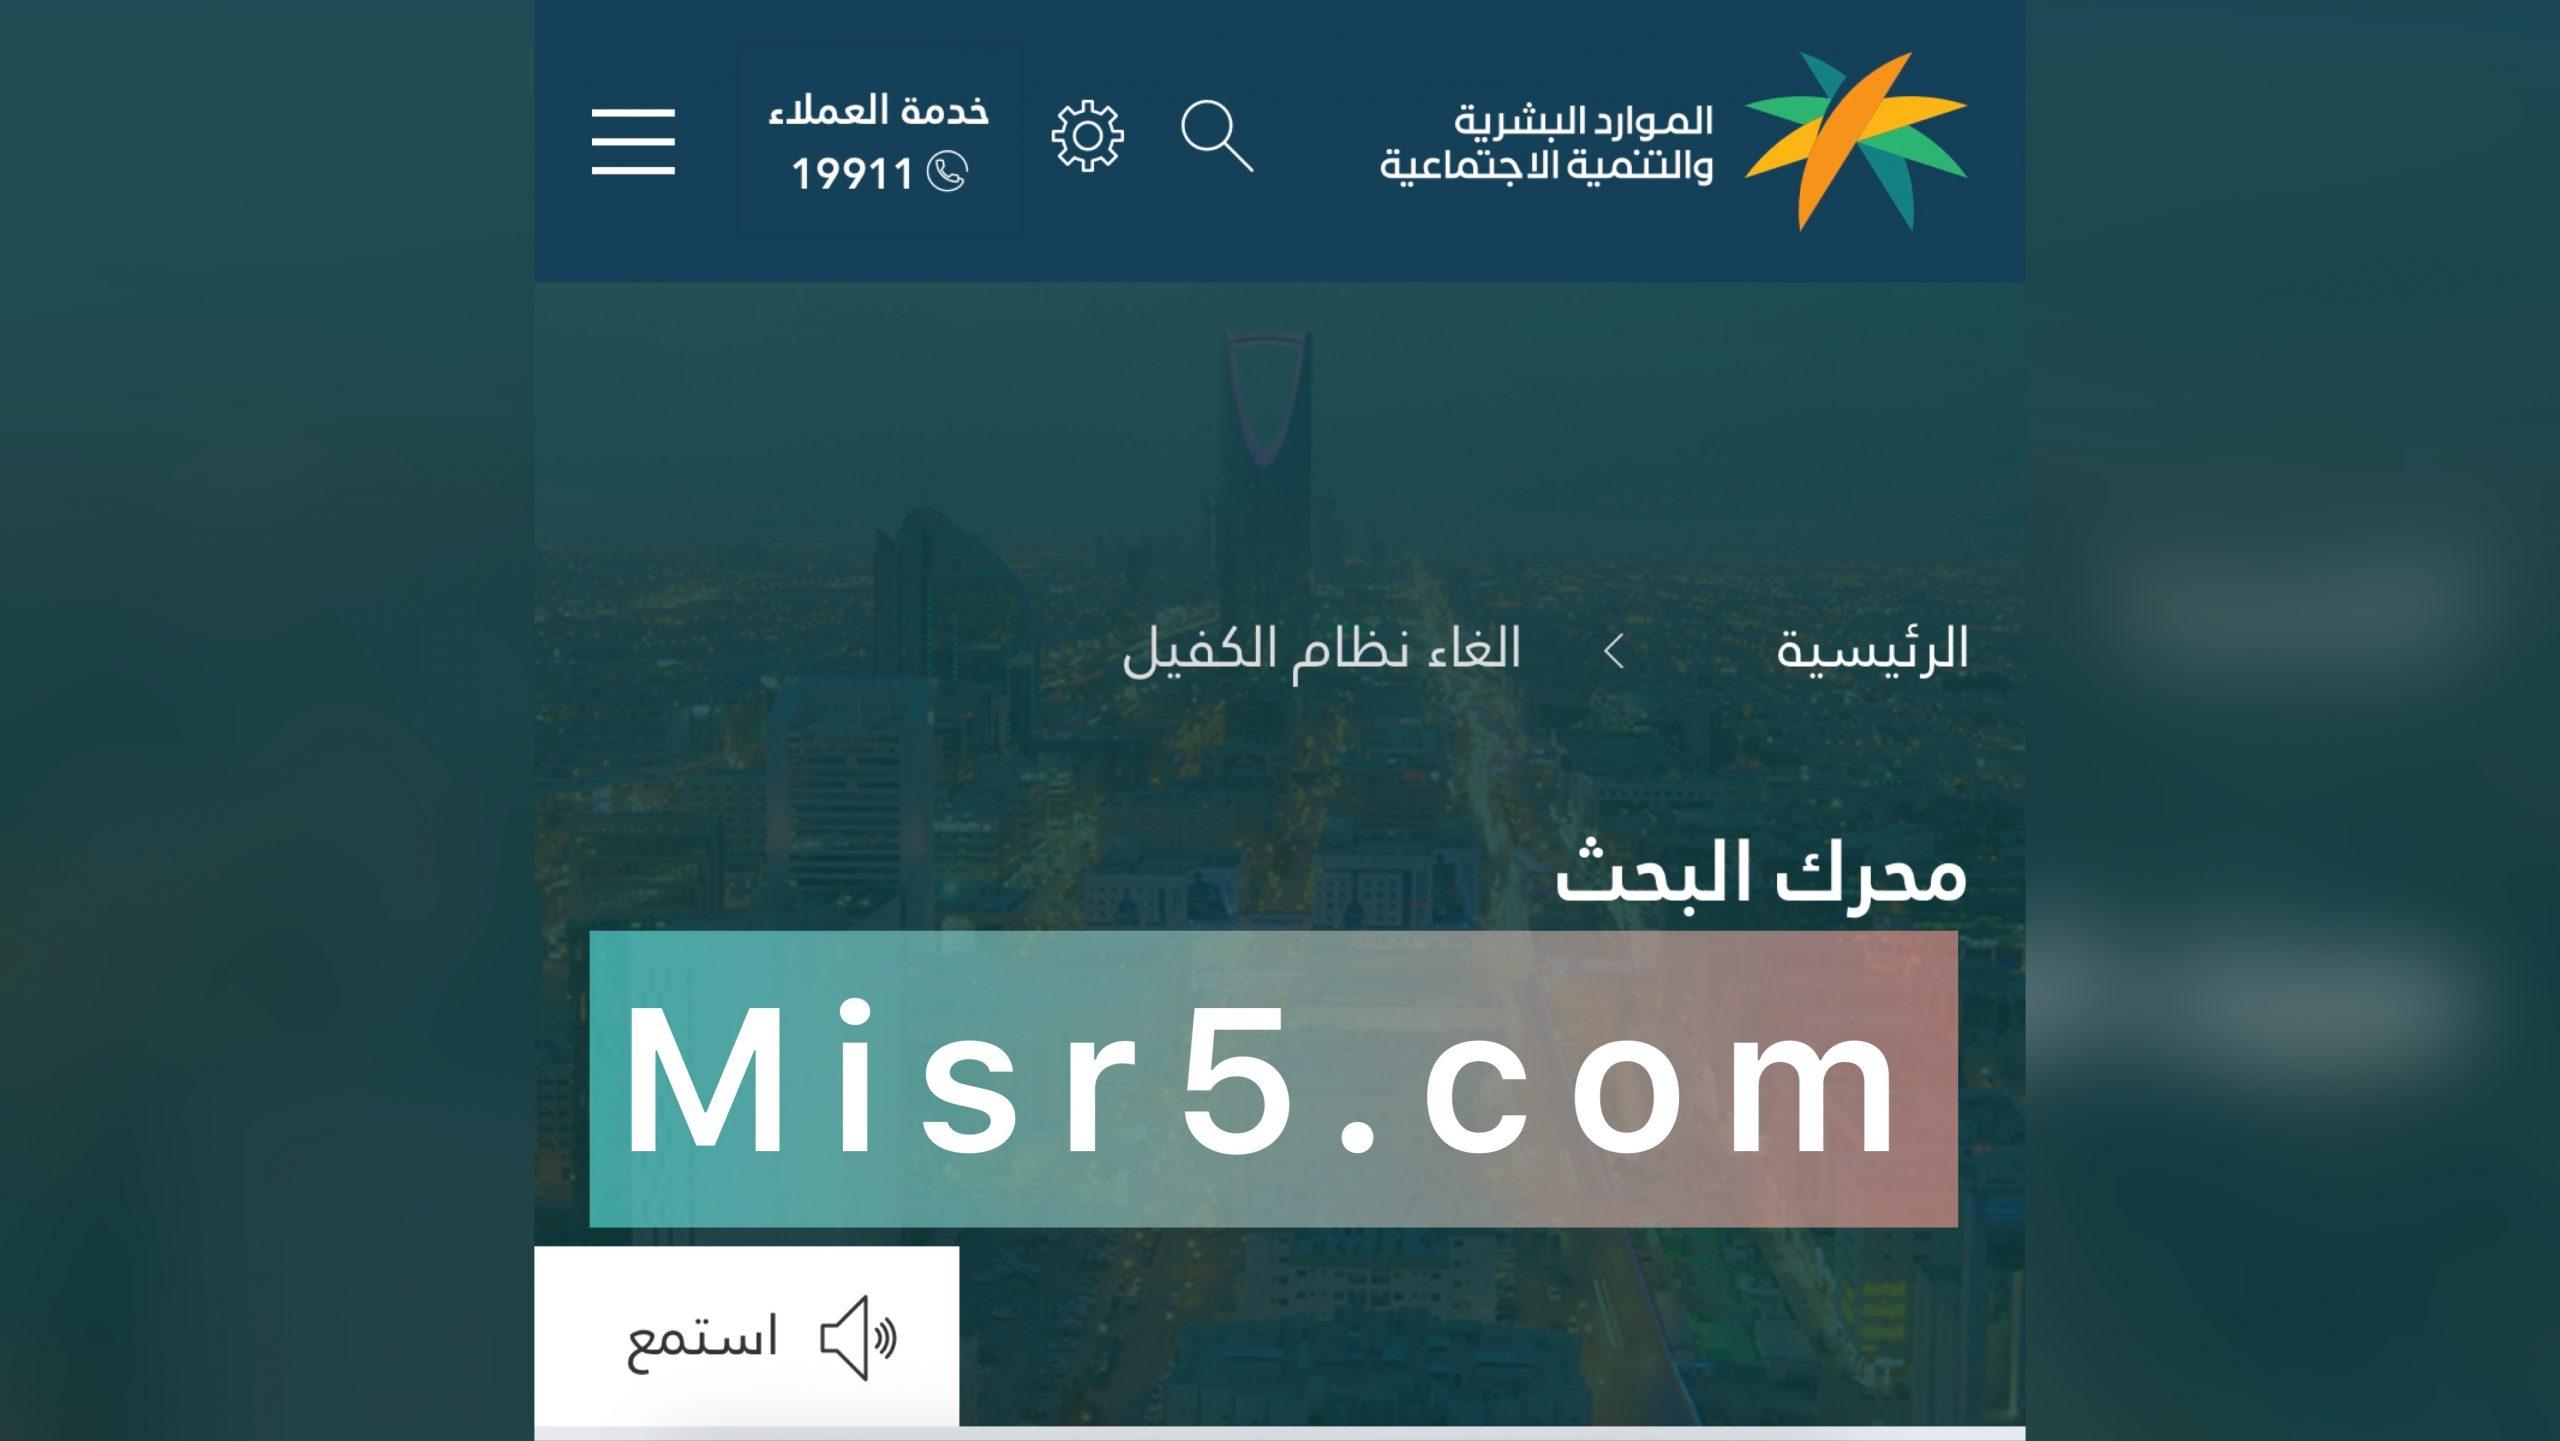 بعد إلغاء نظام الكفيل زيادة في الرواتب وعده مميزات للعمالة المصرية في السعودية